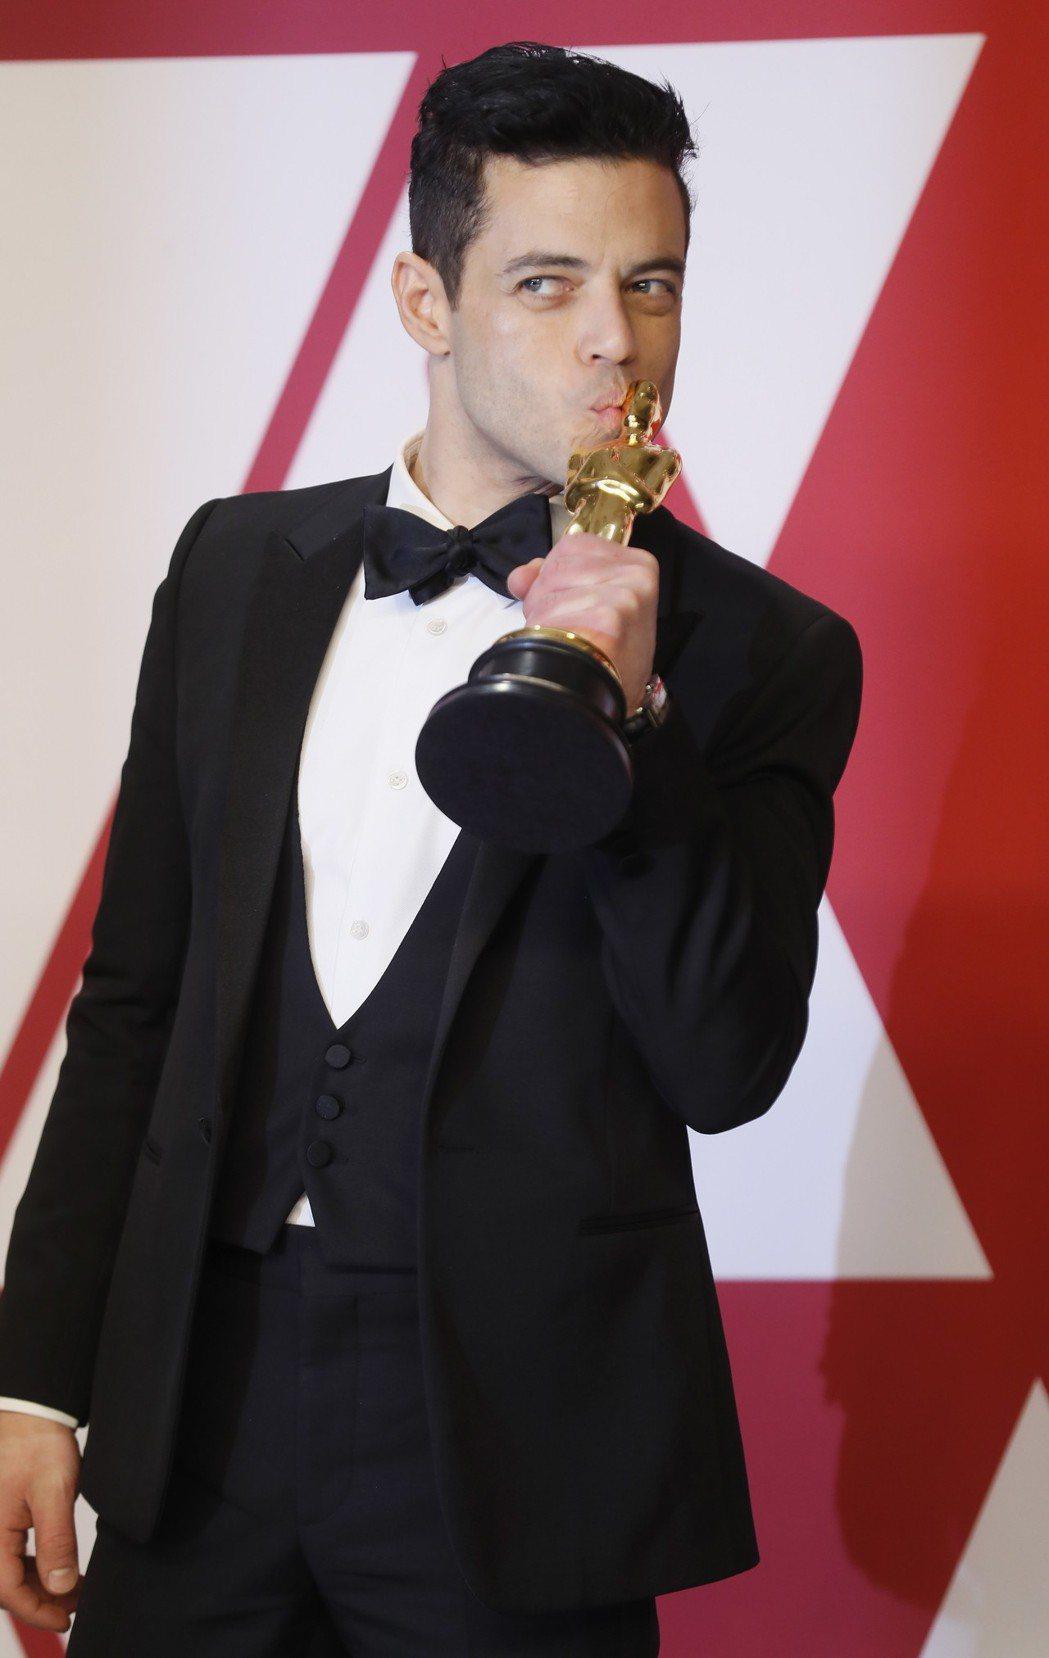 雷米馬利克以「波希米亞狂想曲」拿下本屆奧斯卡影帝。(歐新社)